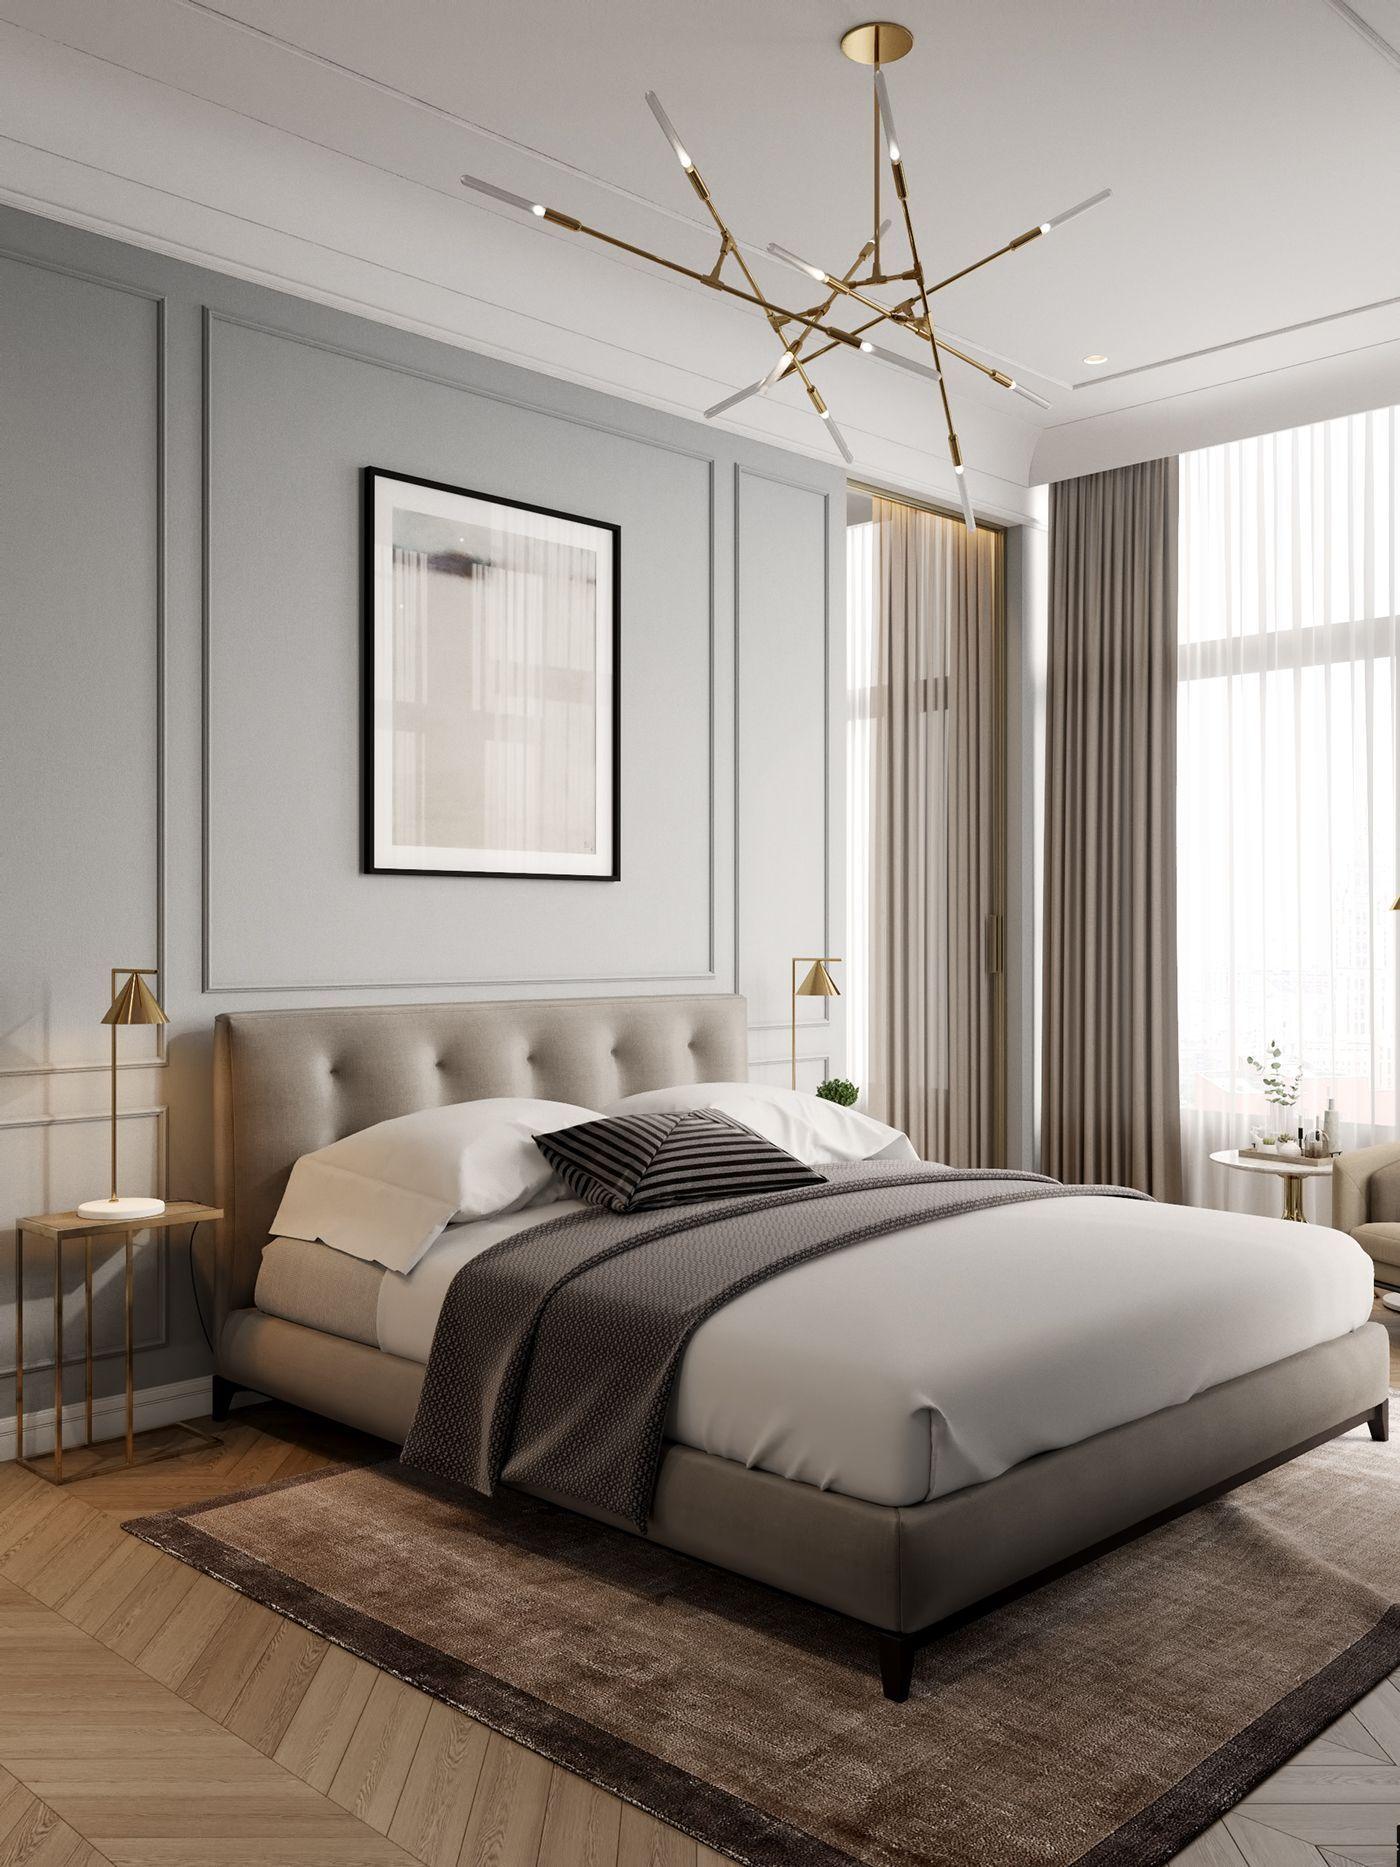 41 Amazing Contemporary Interior Design